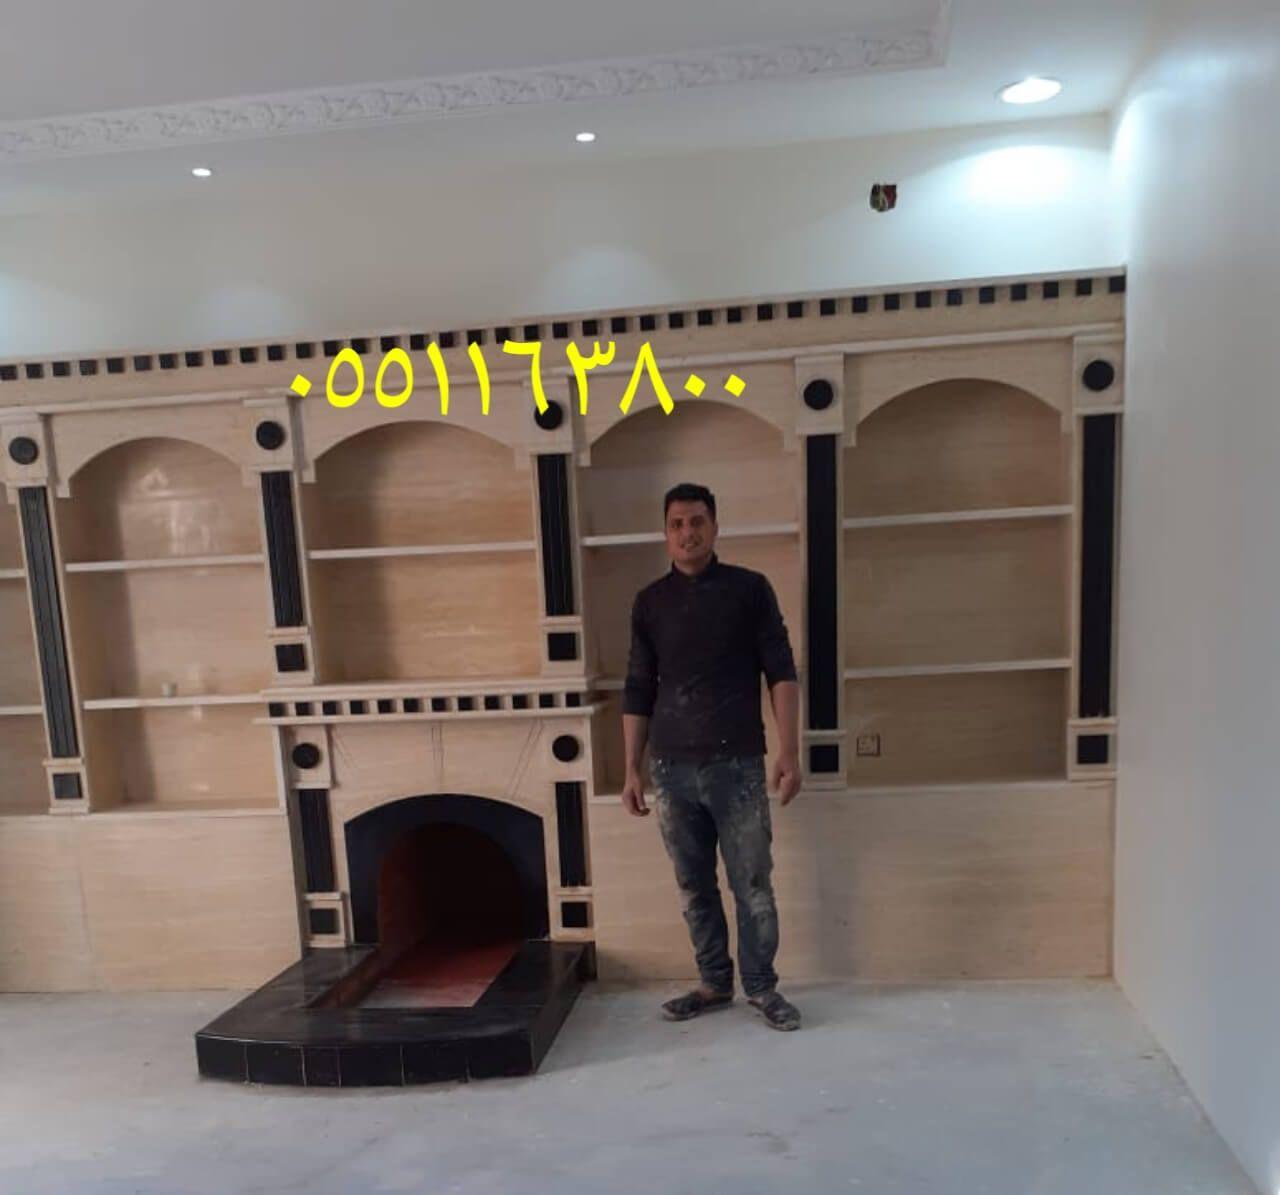 ديكورات مشبات مودرن Home Decor Fireplace Decor